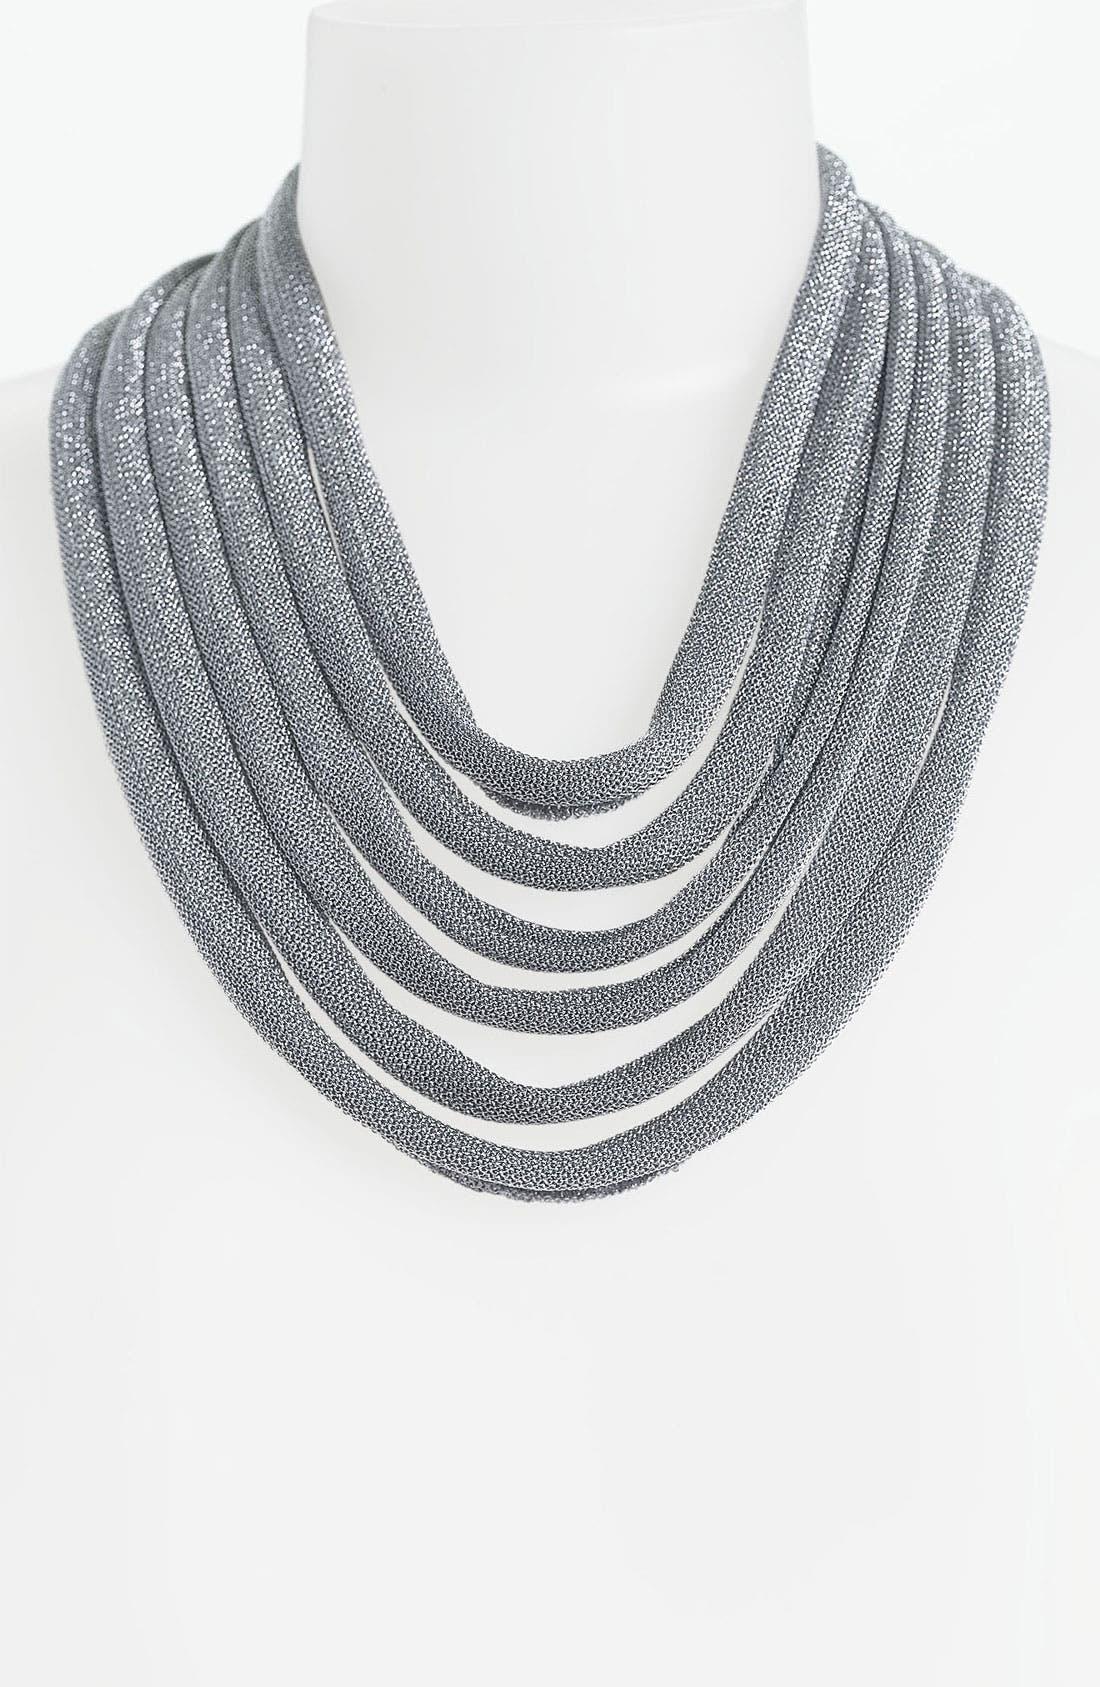 ADAMI & MARTUCCI 'Mesh' Multistrand Bib Necklace, Main, color, 040